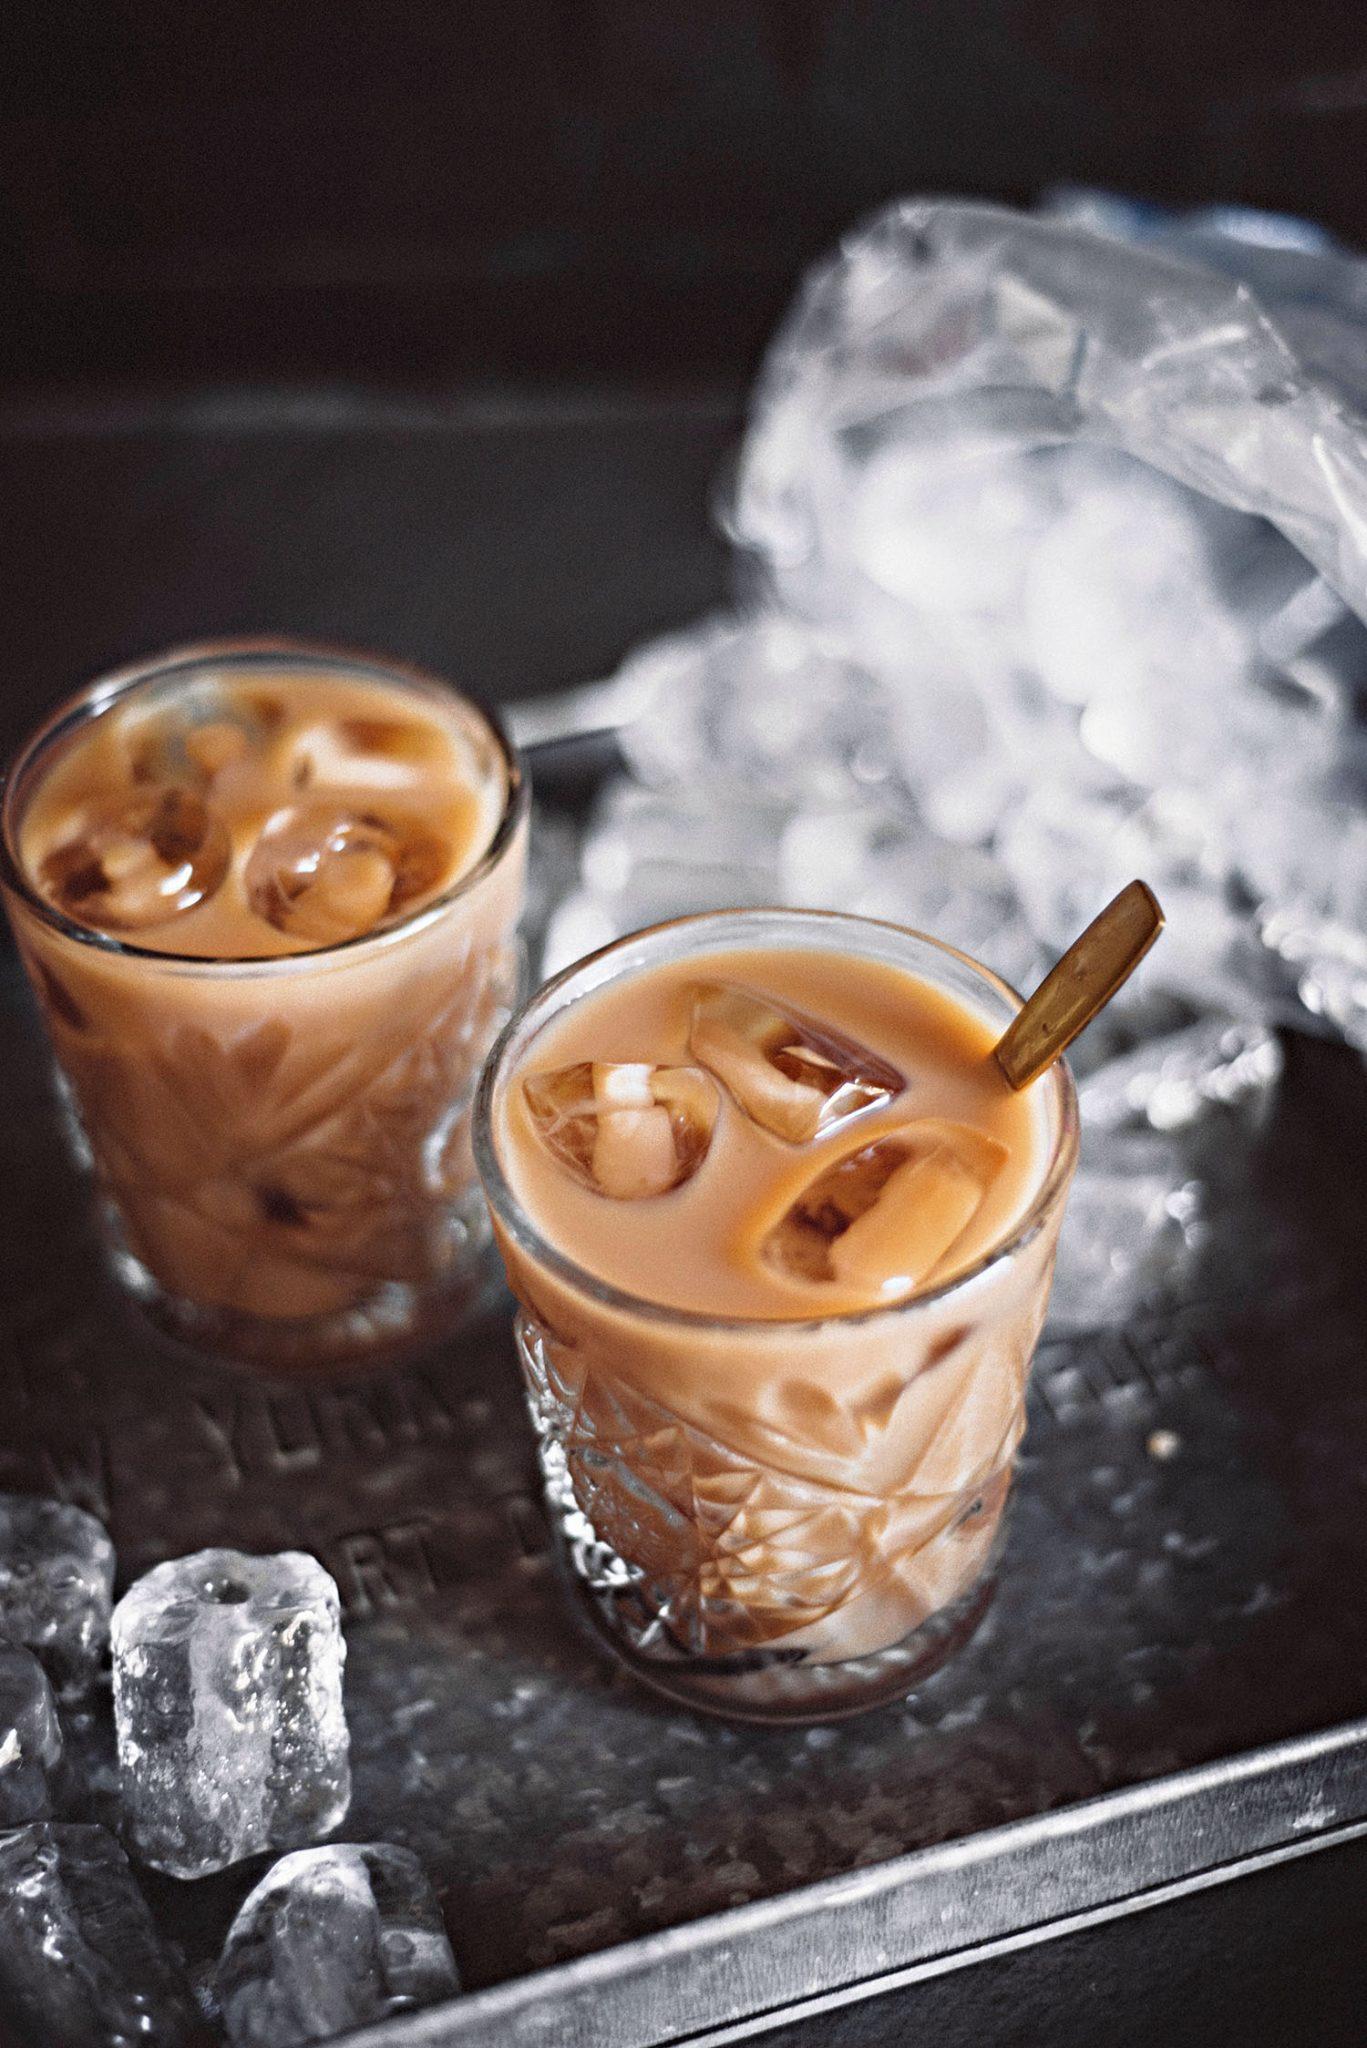 Två glas med iskaffe och isbitar